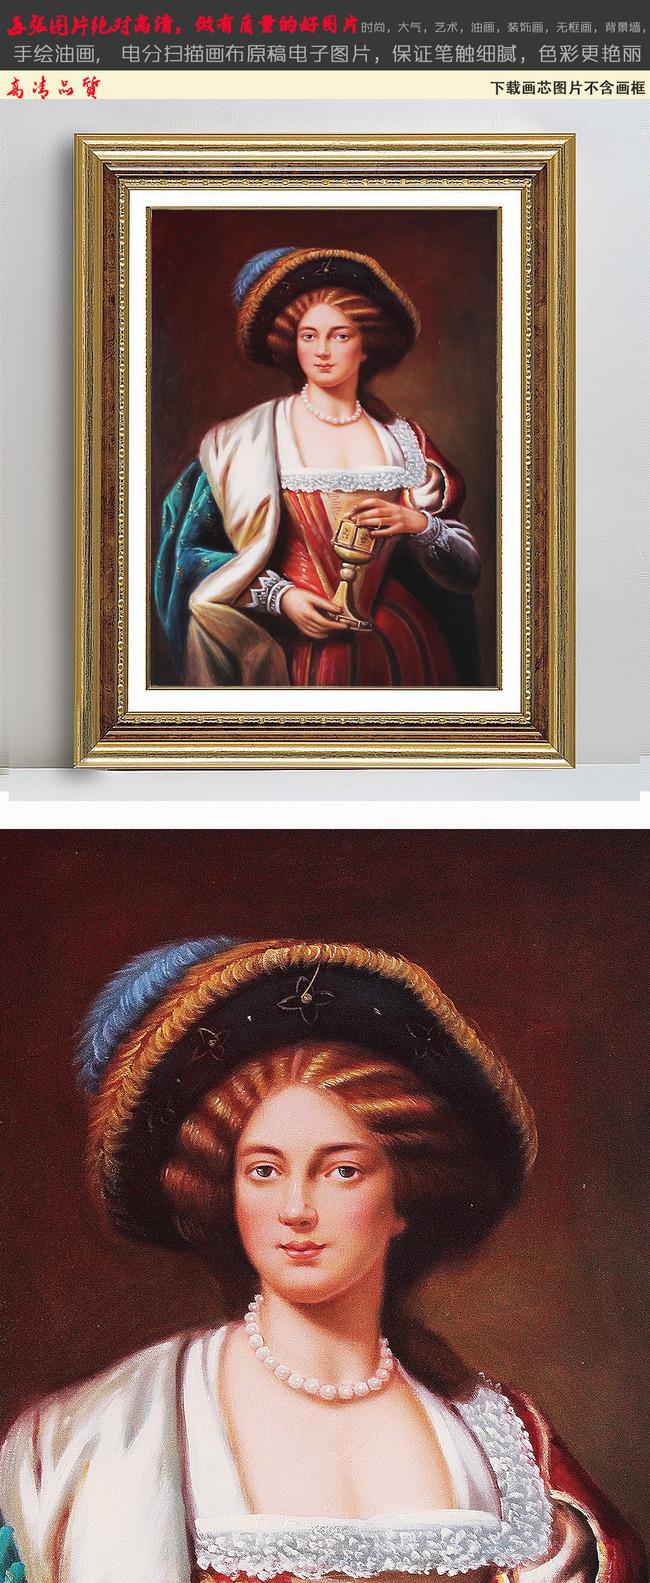 欧式古典宫廷贵妇人物风景油画